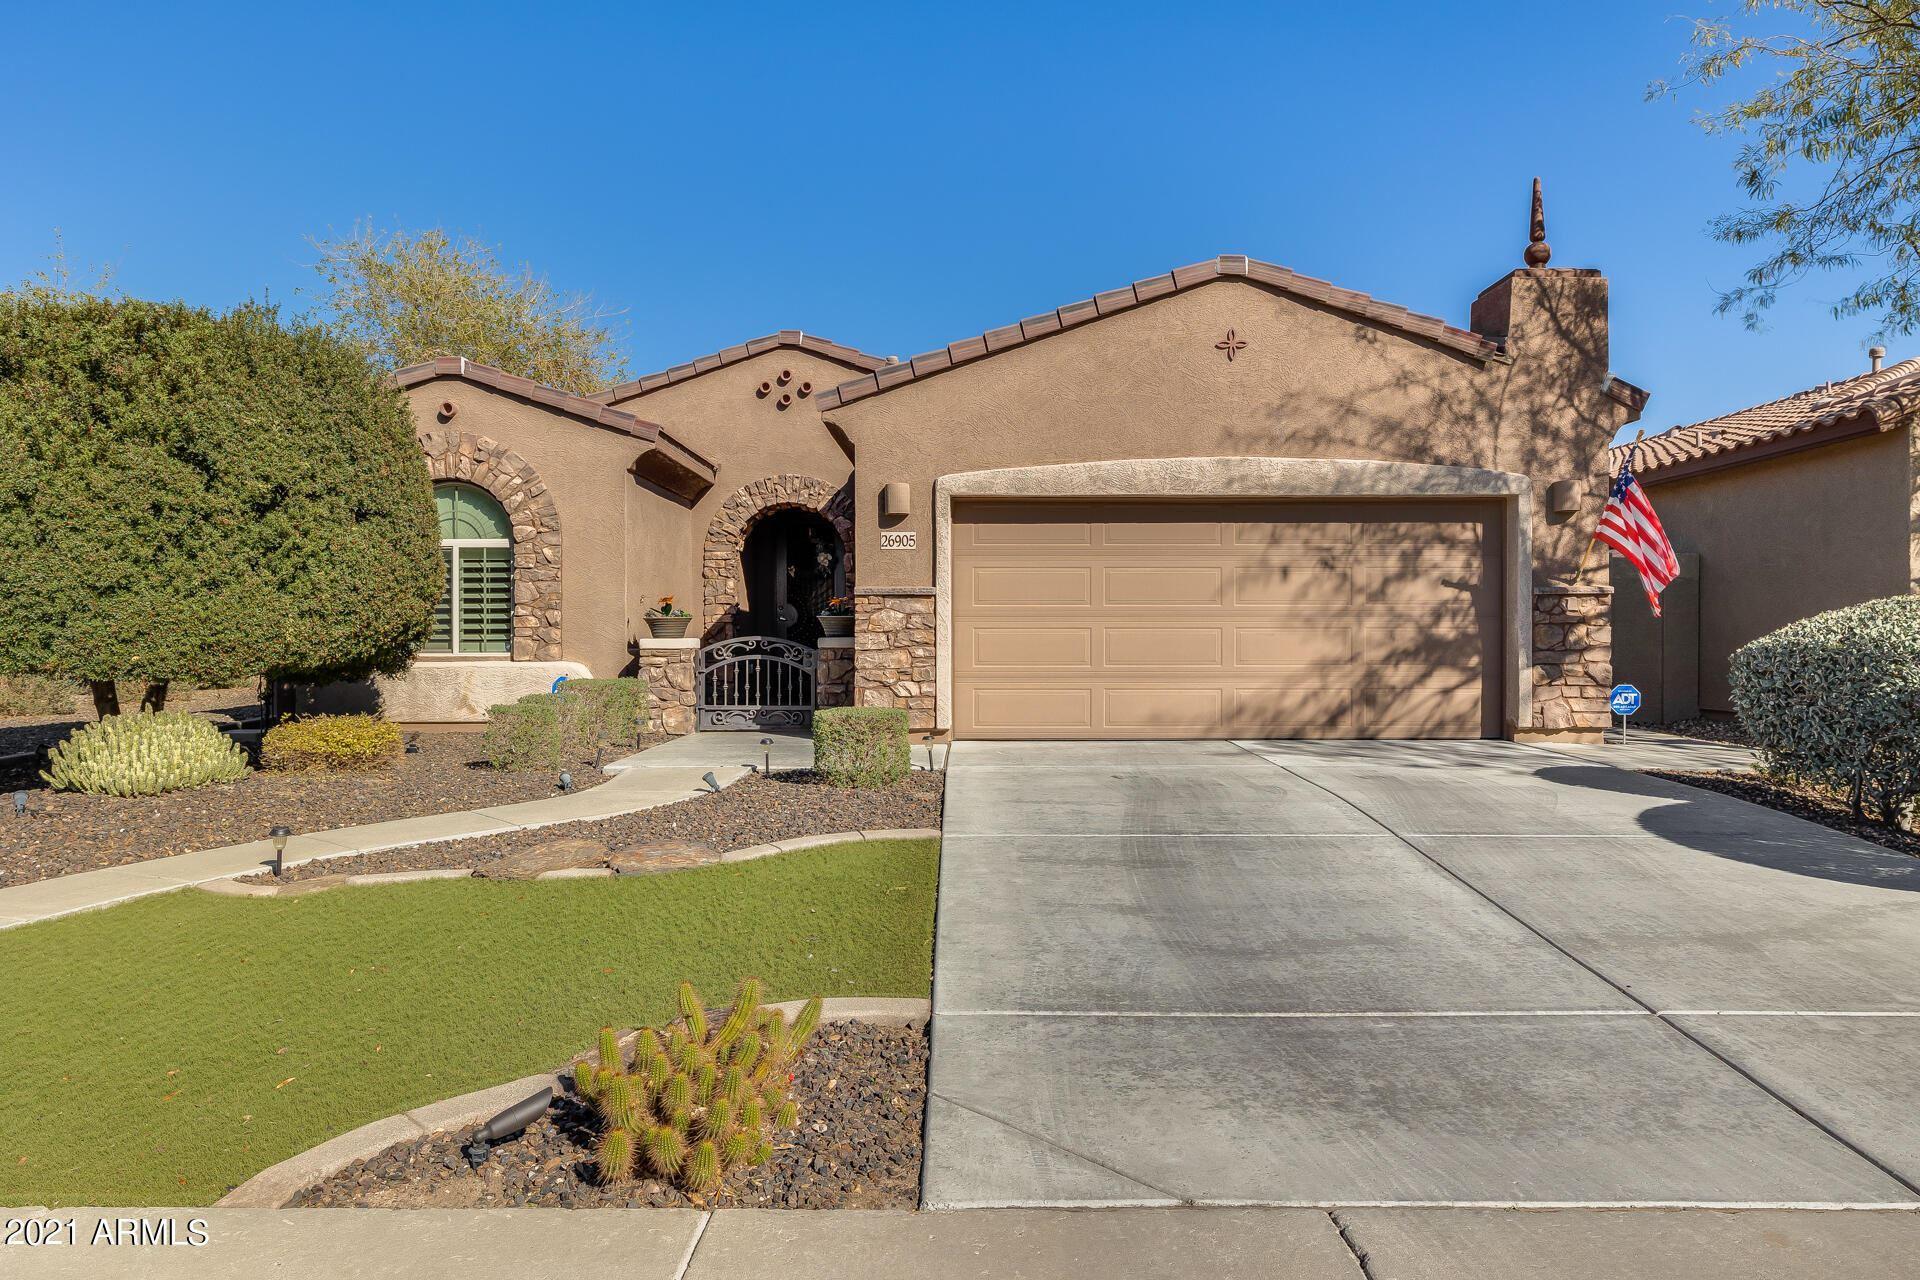 26905 N 54TH Lane, Phoenix, AZ 85083 - MLS#: 6202469